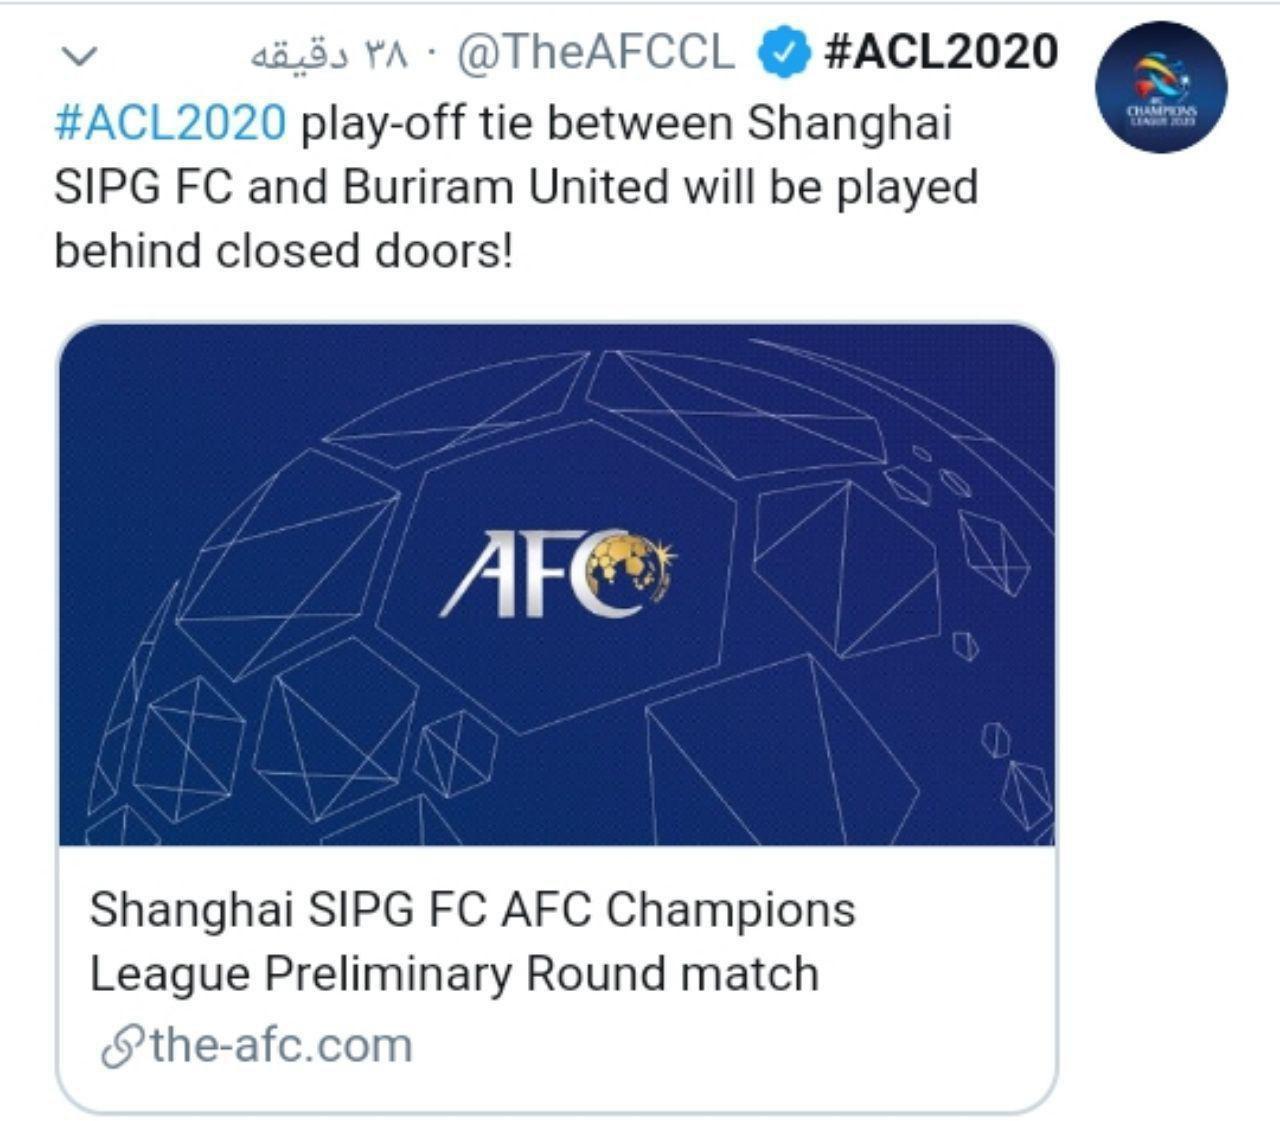 بازی شانگهای چین و بوریرام تایلند